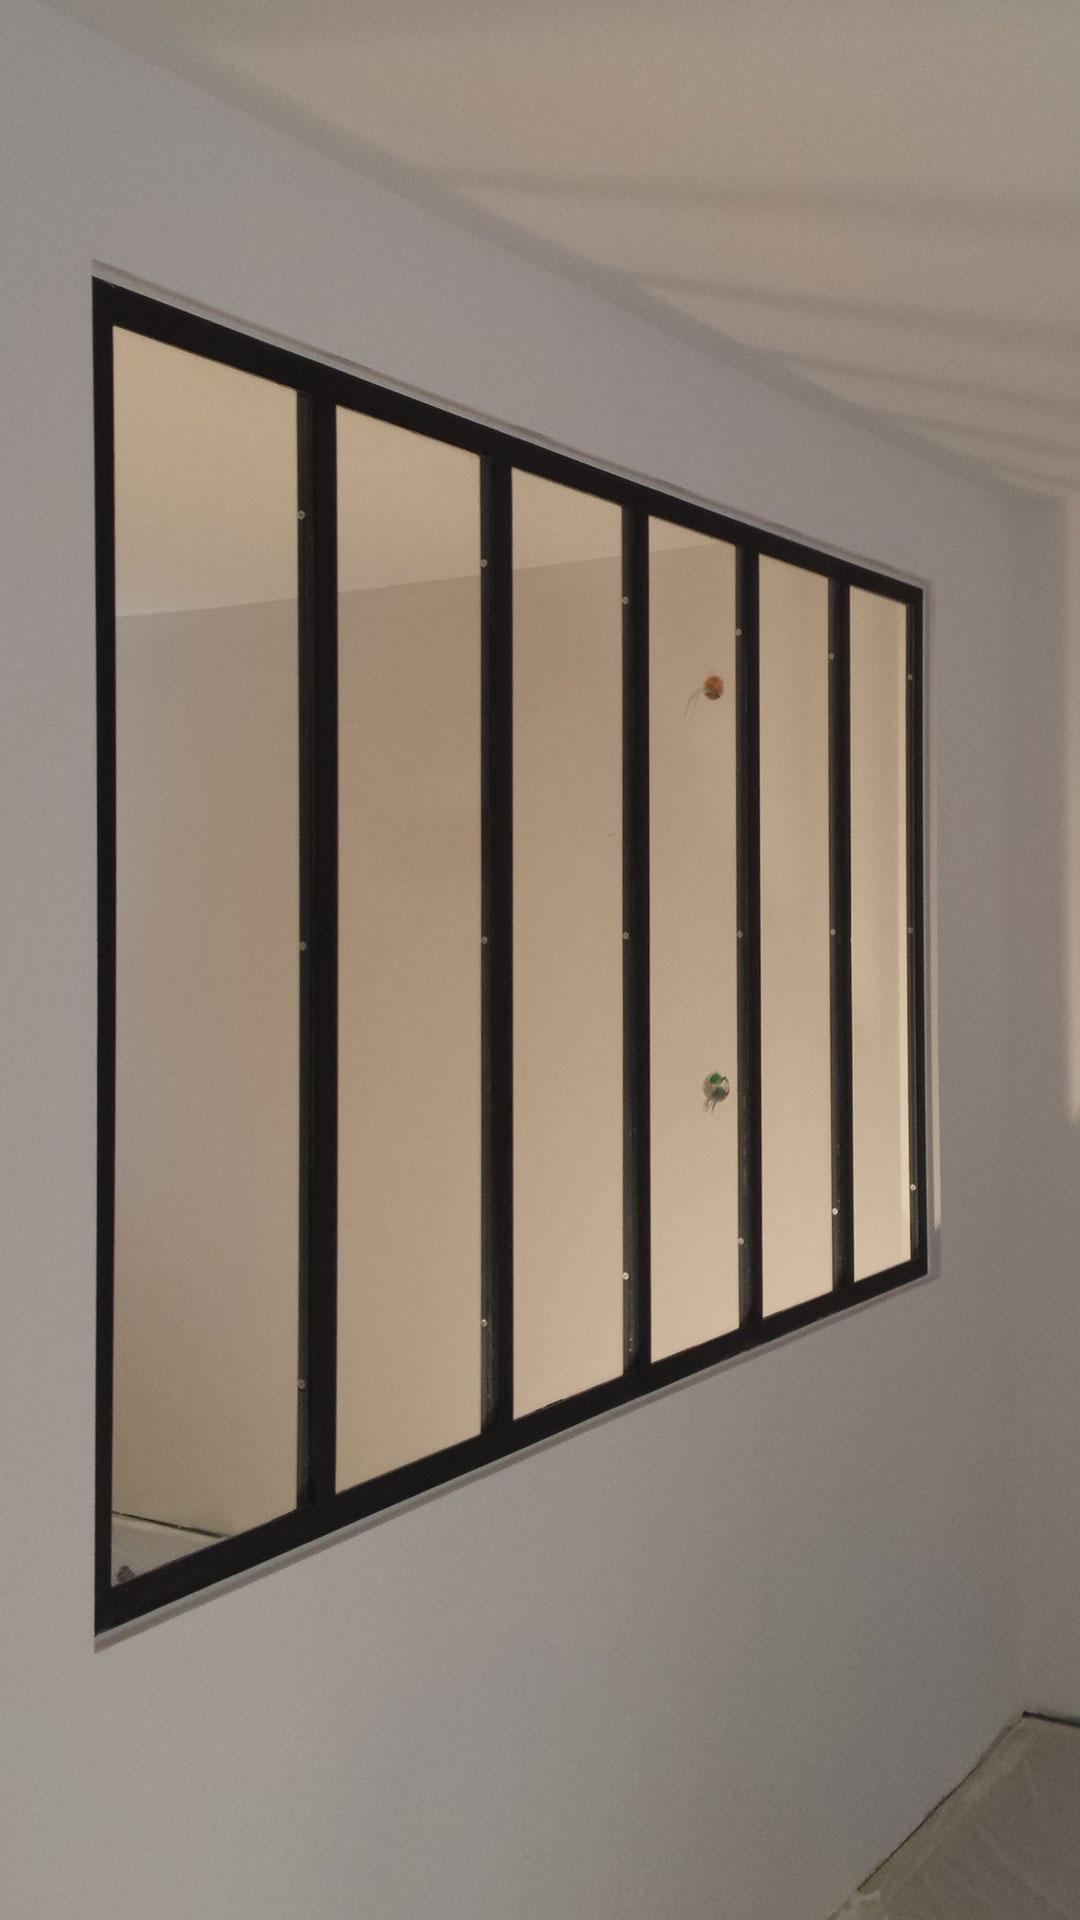 design workflow design. Black Bedroom Furniture Sets. Home Design Ideas